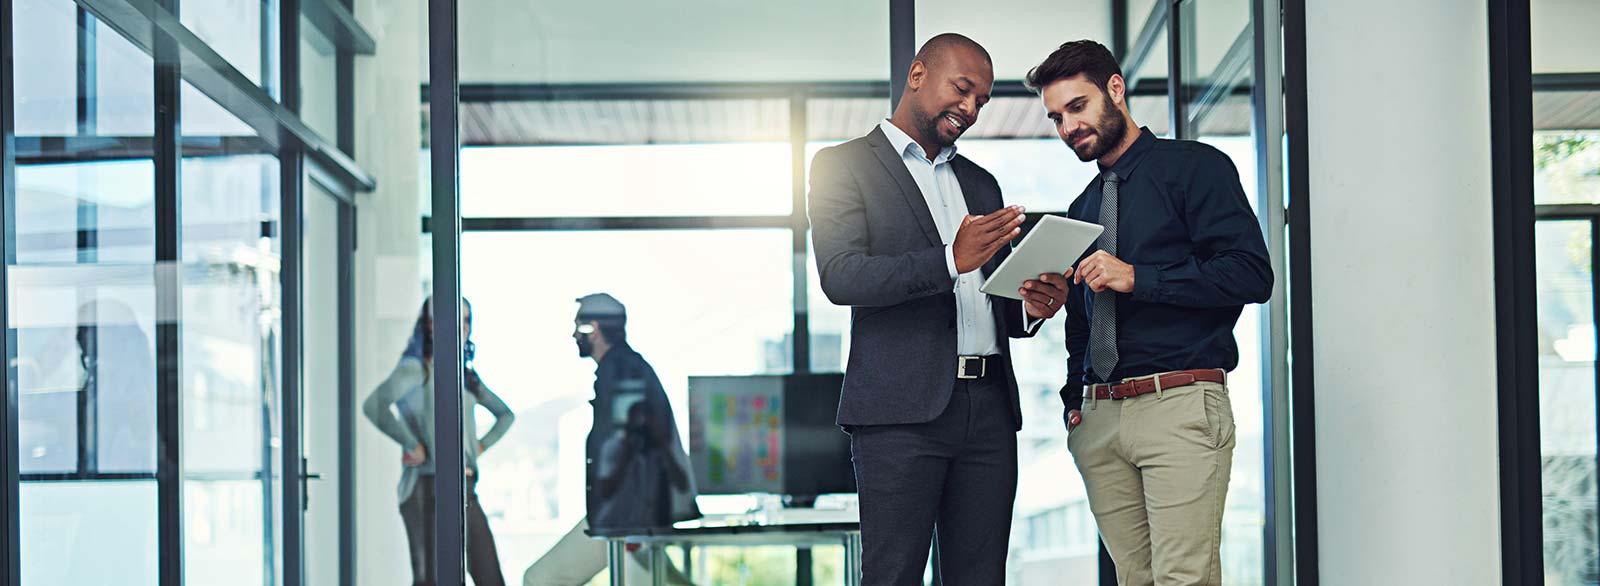 Two business men talking in an office hallway